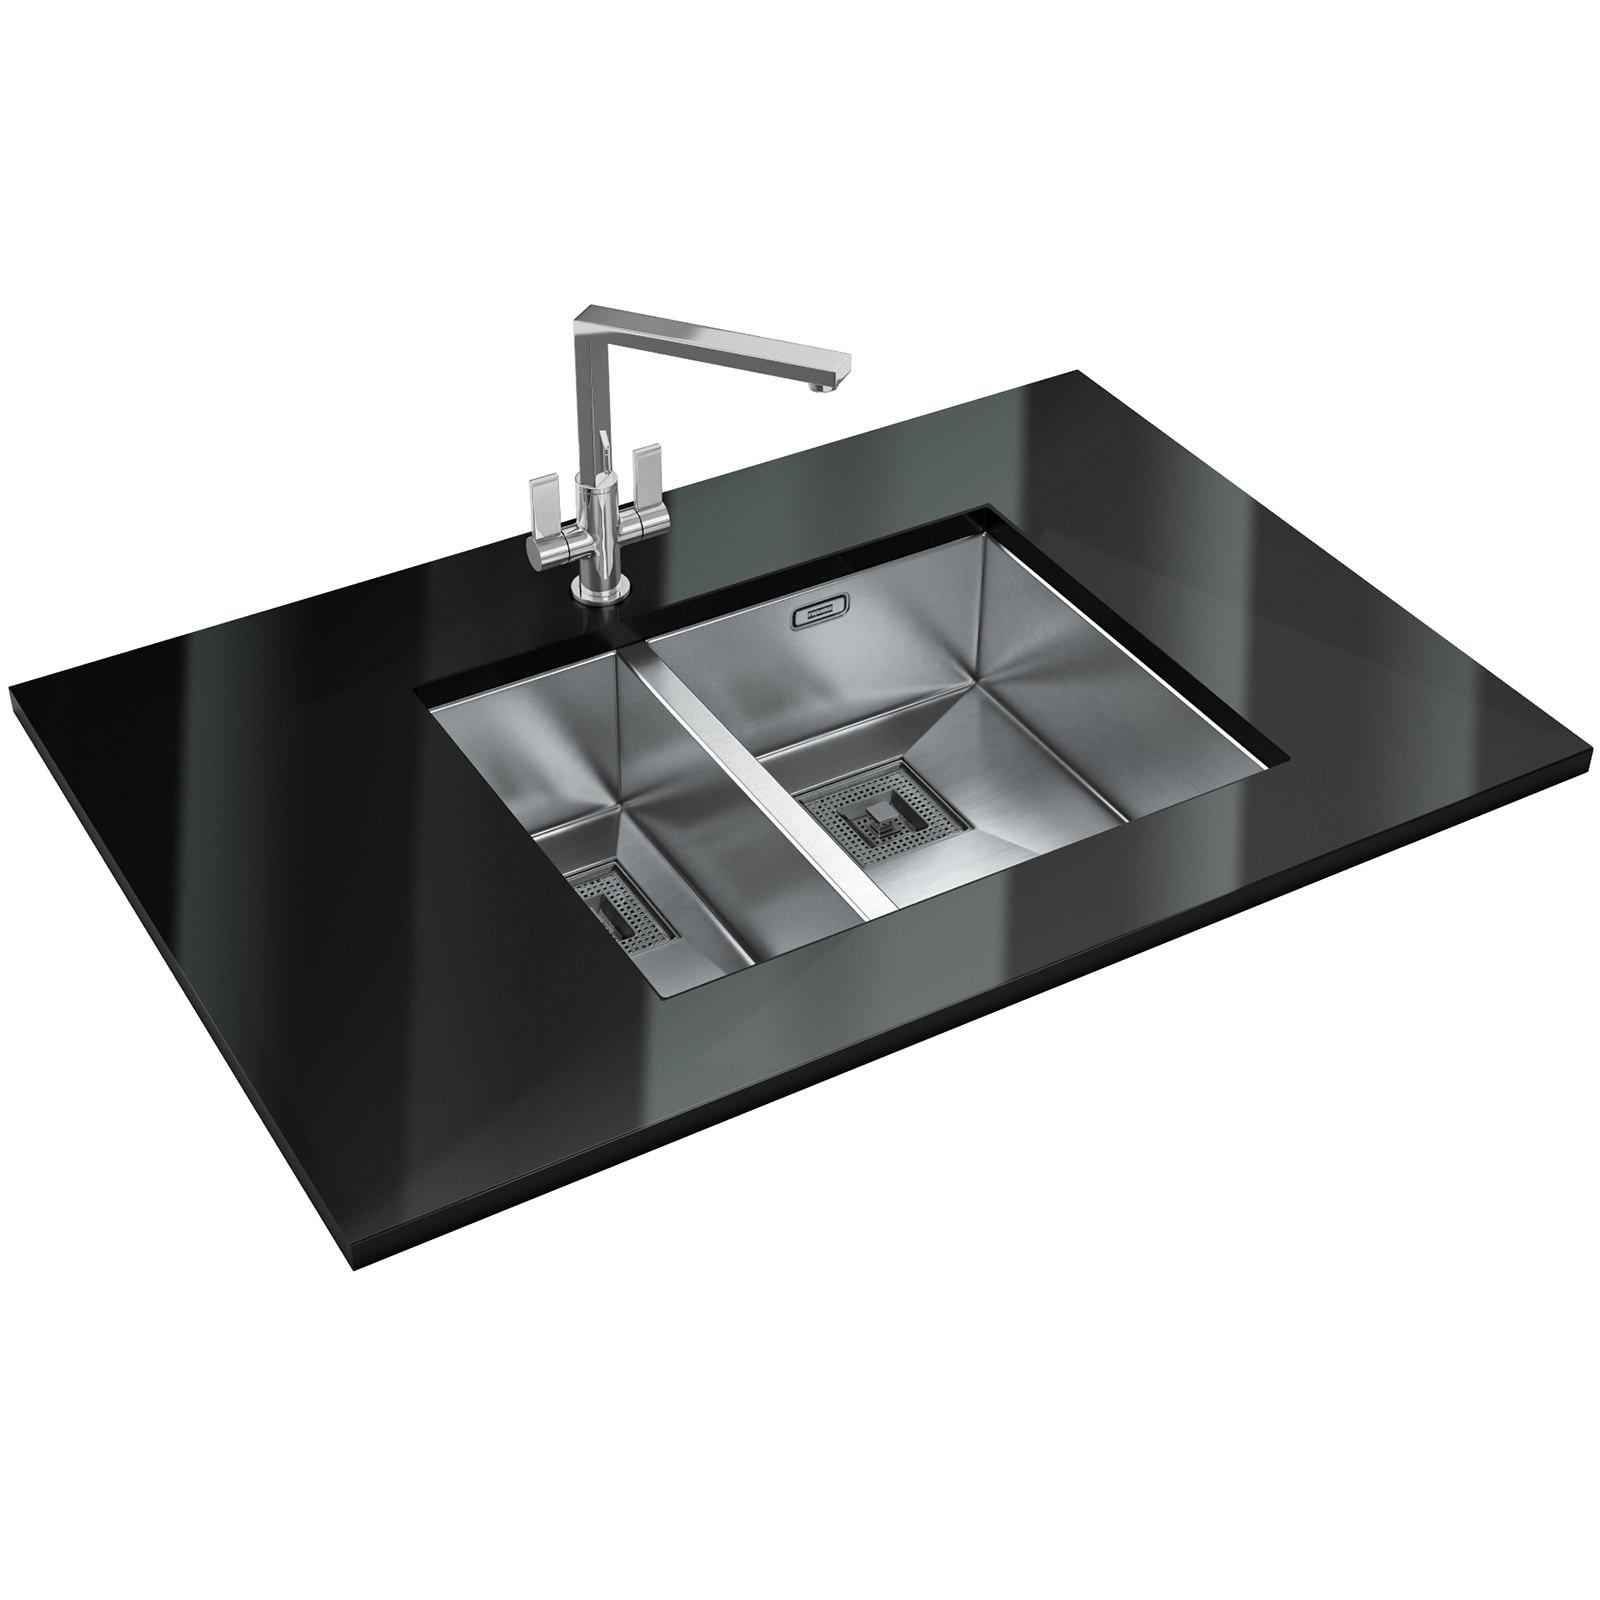 Franke Peak DP PKX 160 34-18 Stainless Steel Sink And Tap 1220156173